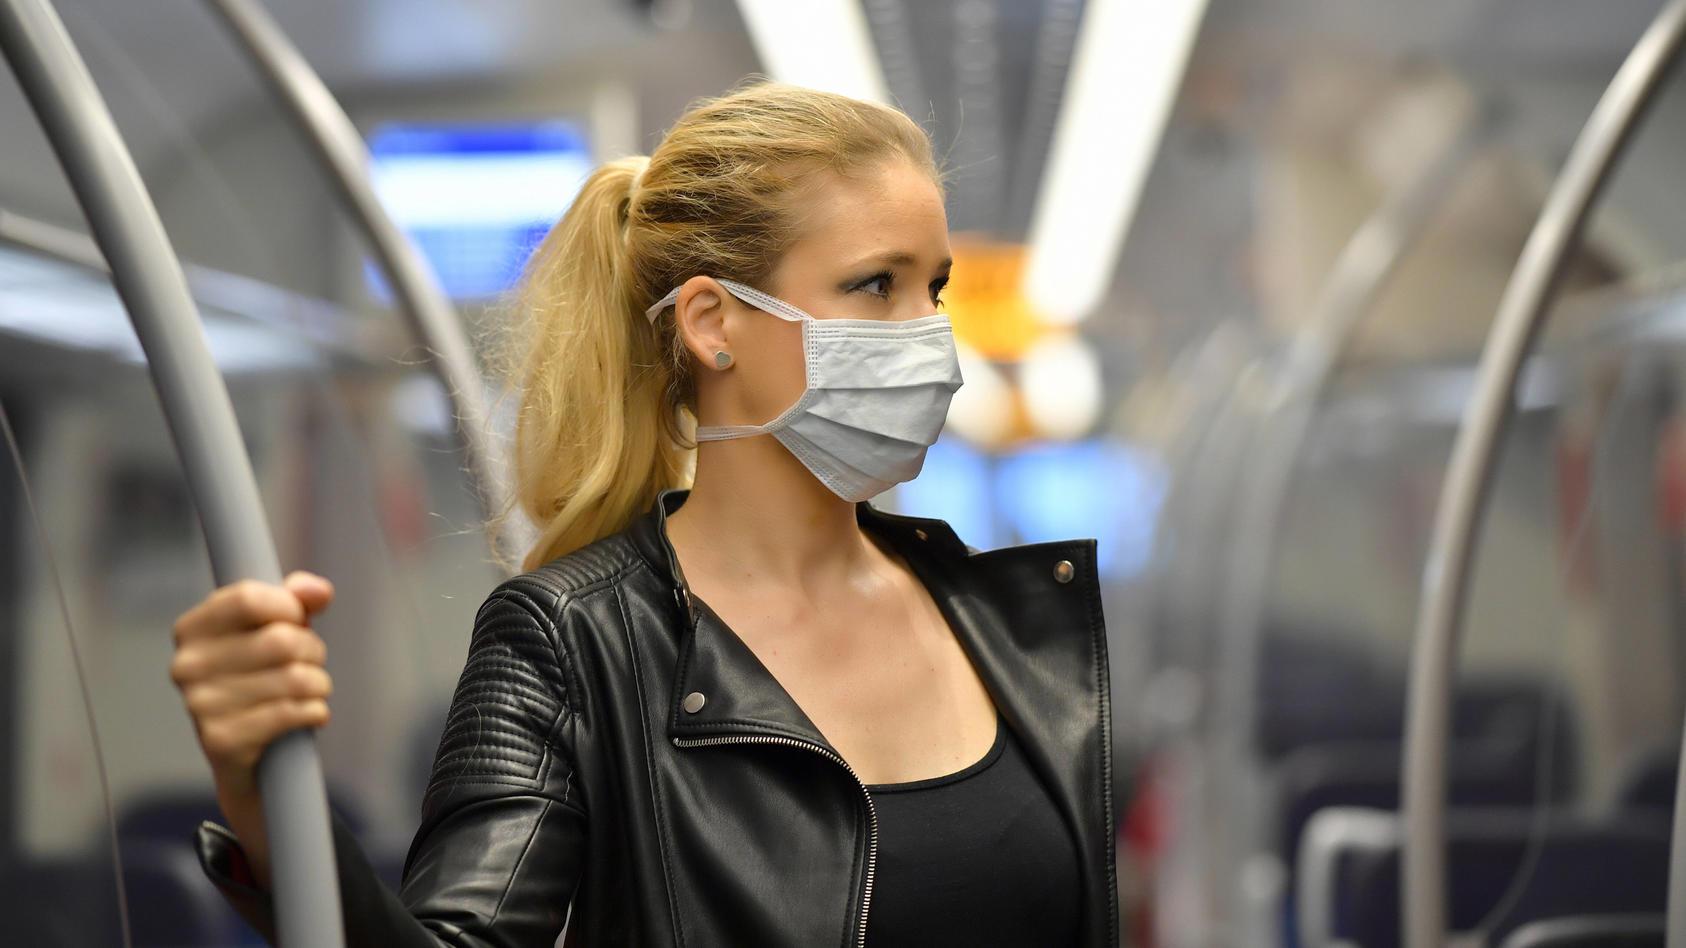 Auch in Bussen und Bahnen ist eine Mund- und Nasenbedeckung in Deutschland Pflicht.